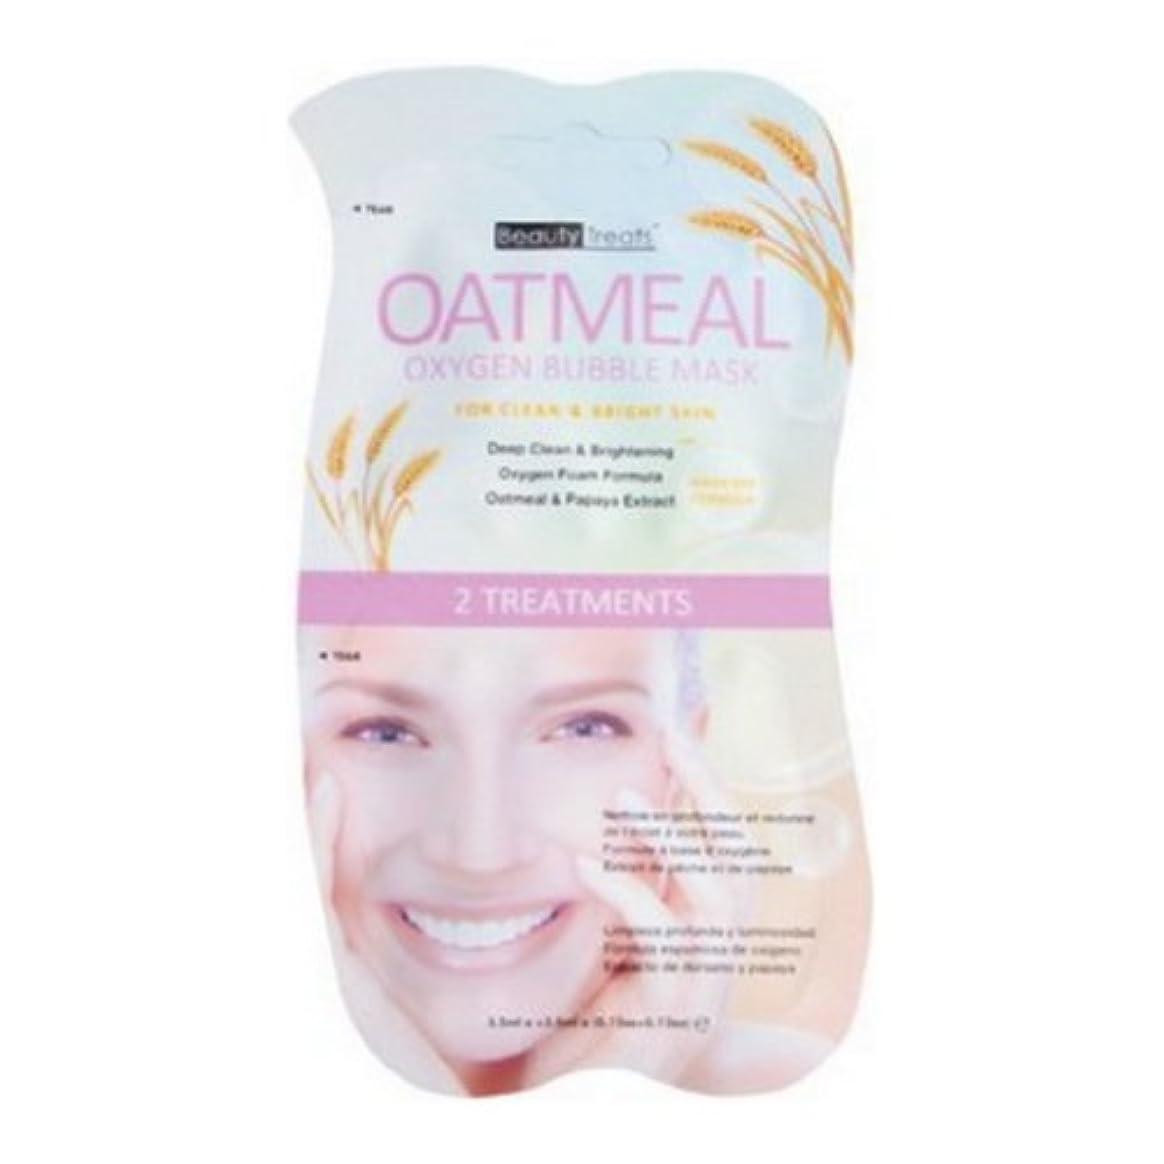 化学ママ低い(6 Pack) BEAUTY TREATS Oatmeal Oxygen Bubble Mask - Oatmeal (並行輸入品)